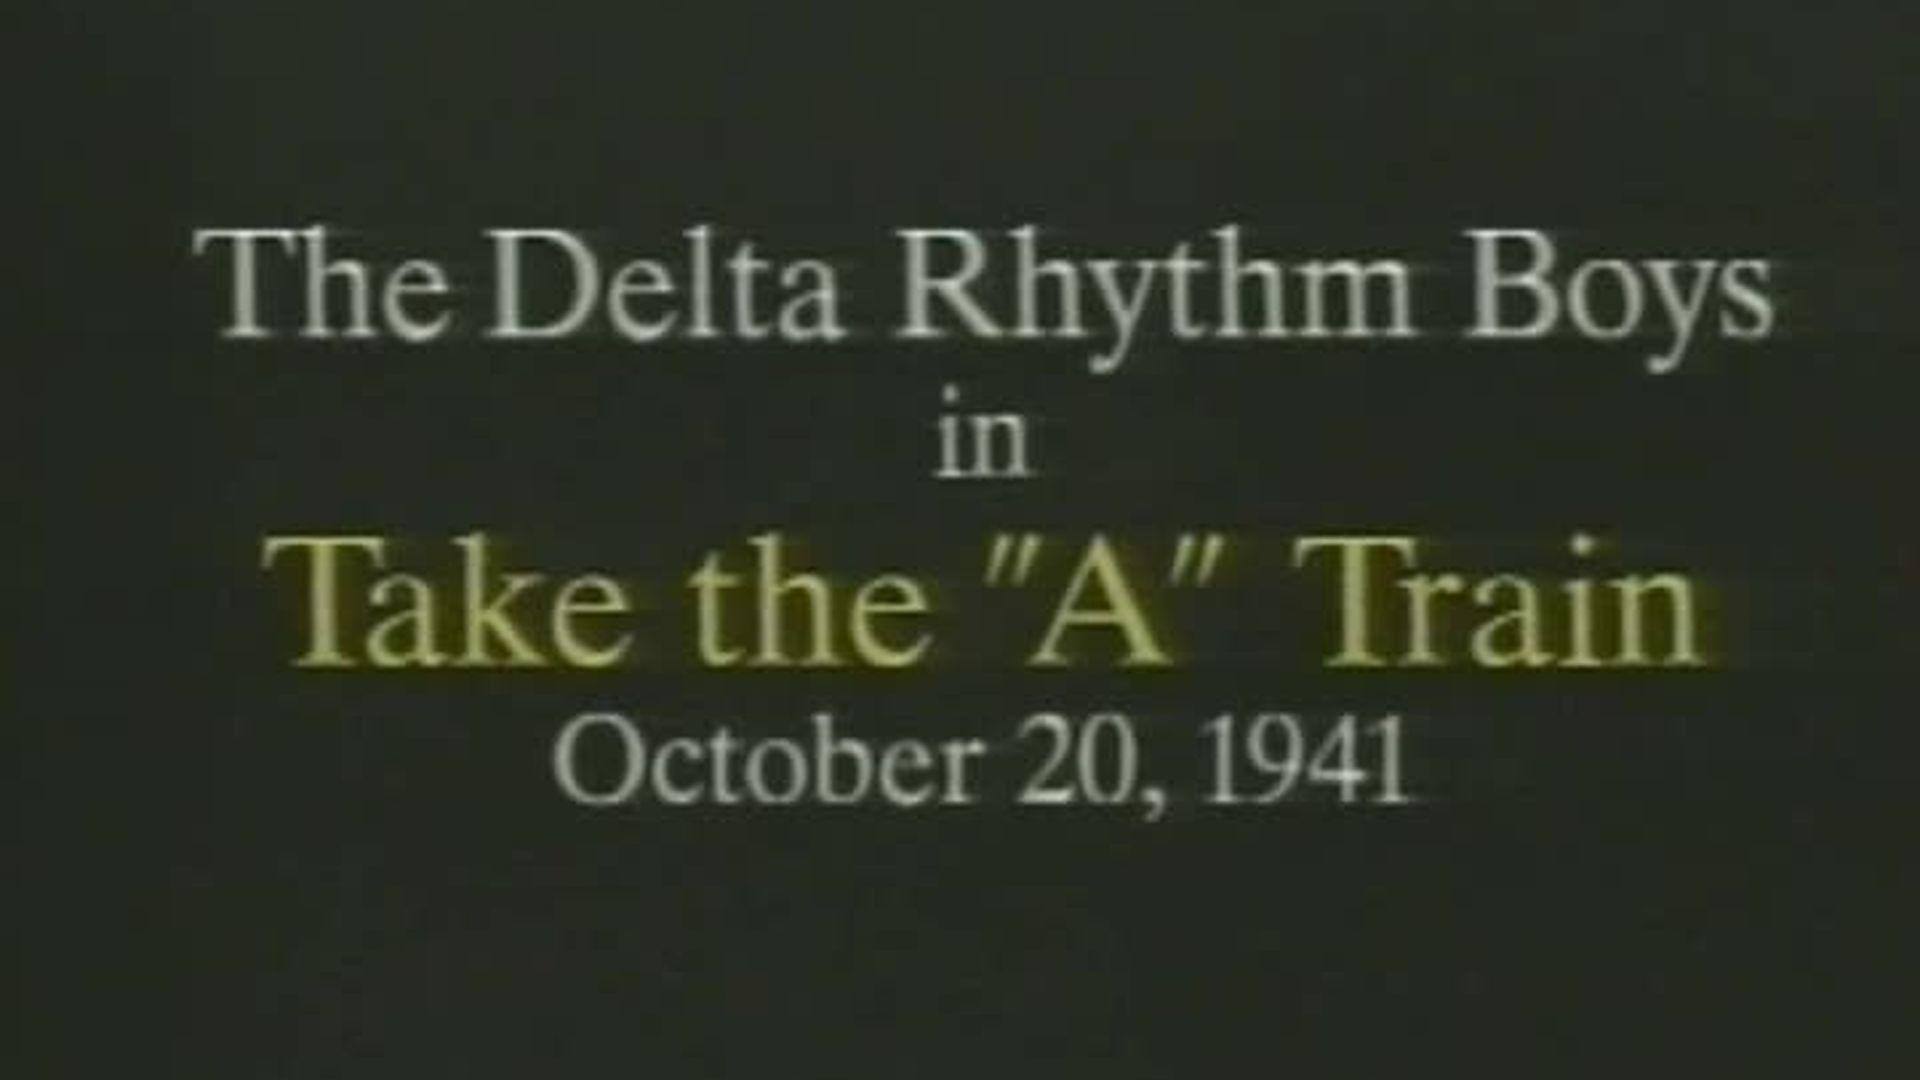 Delta Rhythm Boys - Take the A Train